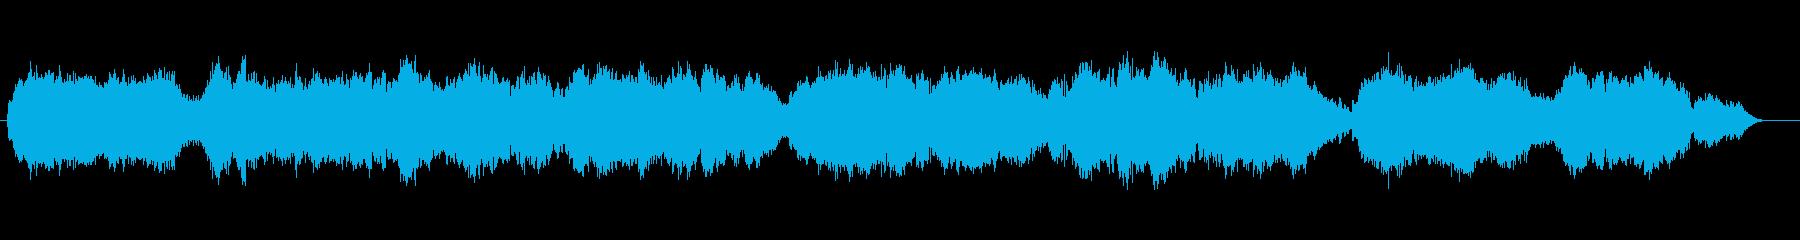 アヴェ・マリア(唄入り)の再生済みの波形